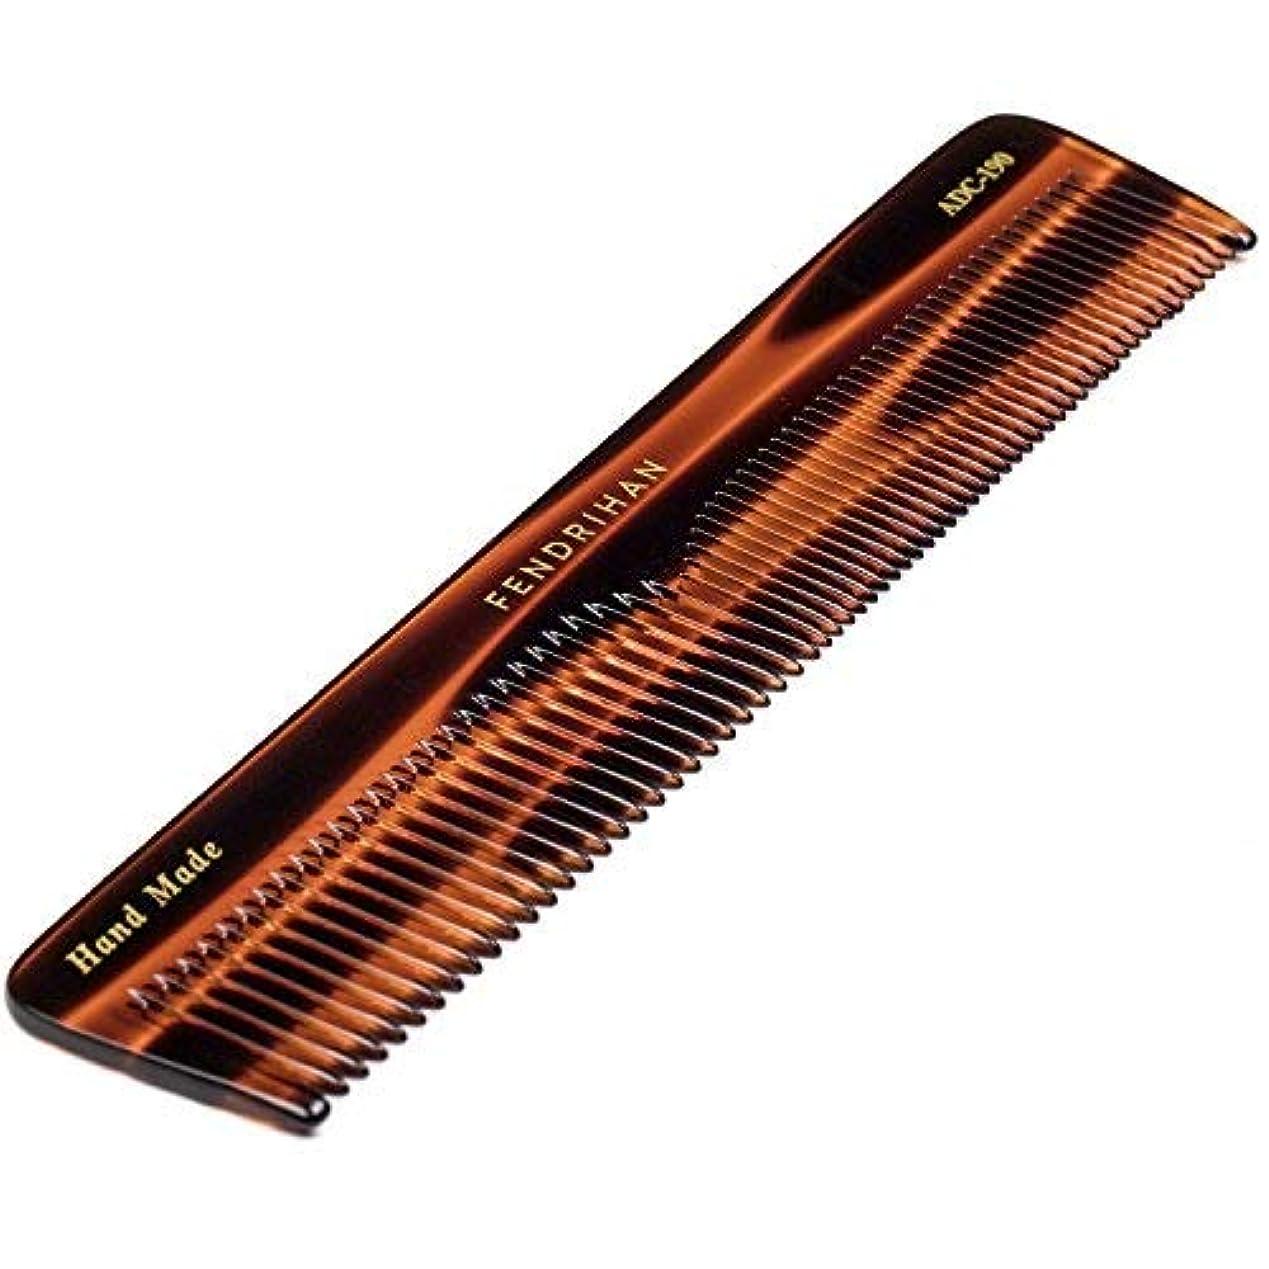 従う範囲サイトFendrihan Hand Finished Large Double Tooth Comb for Men, Faux Tortoise (7.3 Inches) [並行輸入品]